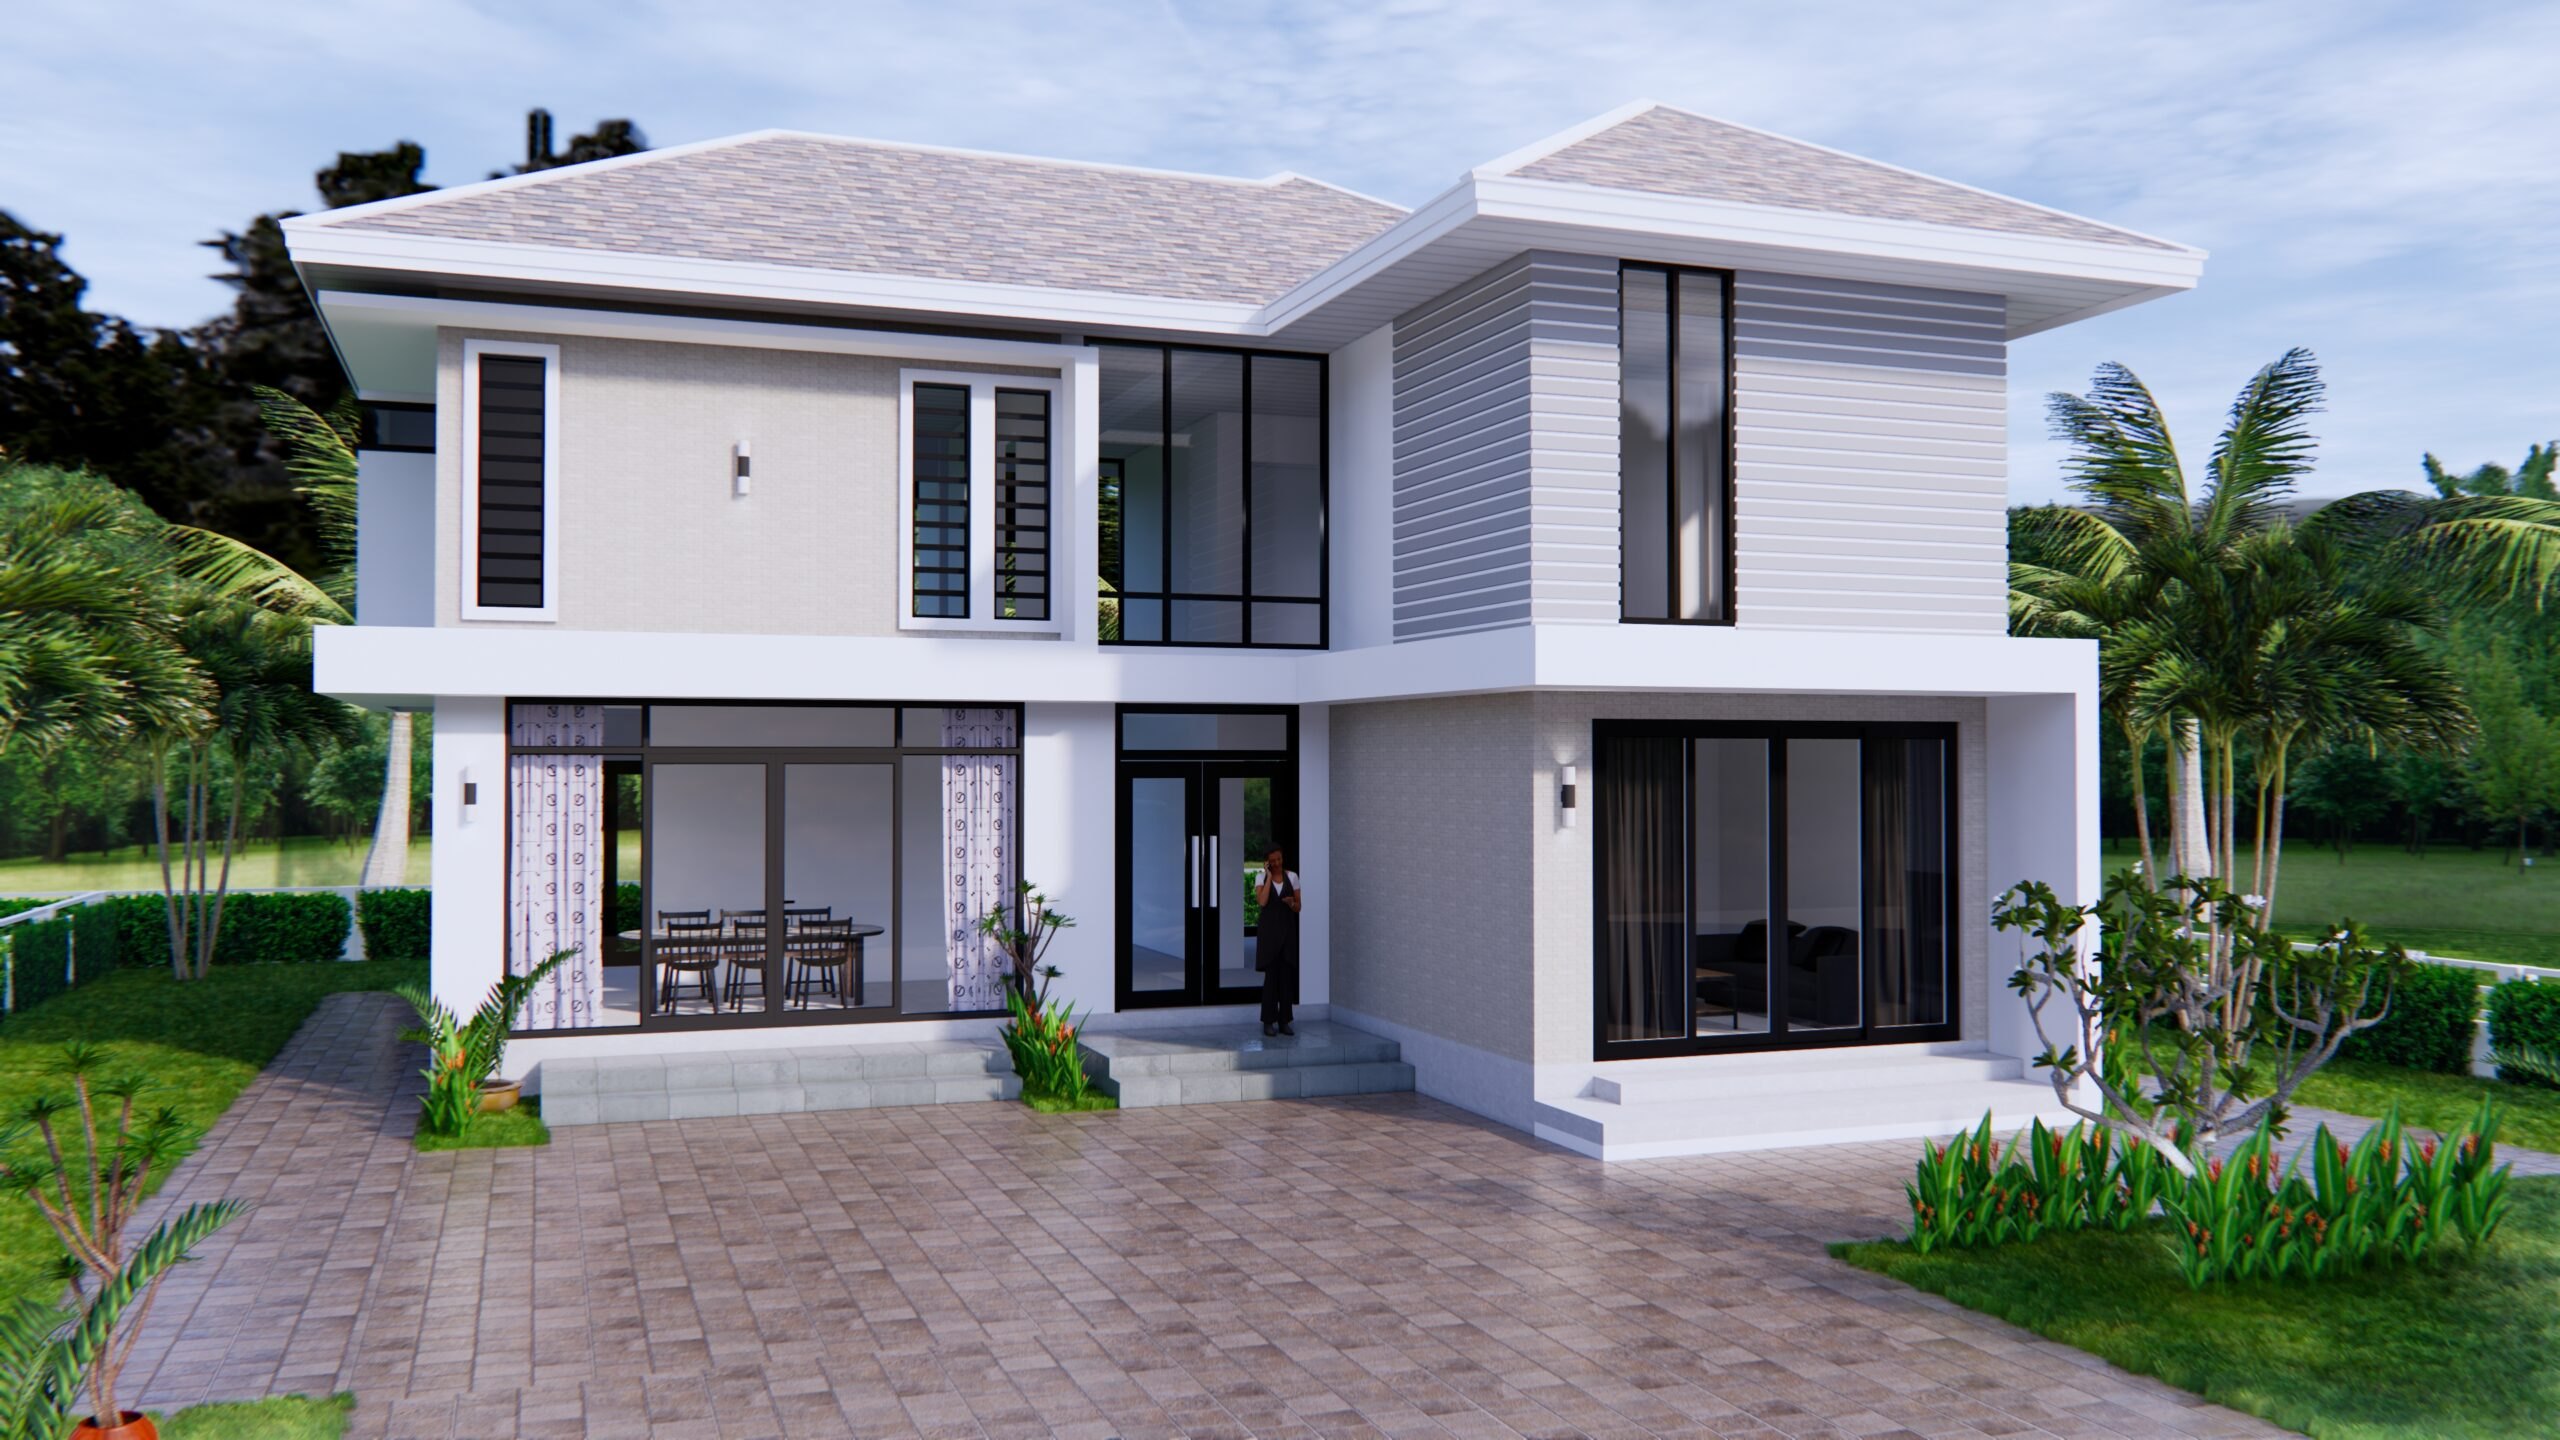 Home Designs 12.4x11 Meter 41x35 Feet 4 Beds 1